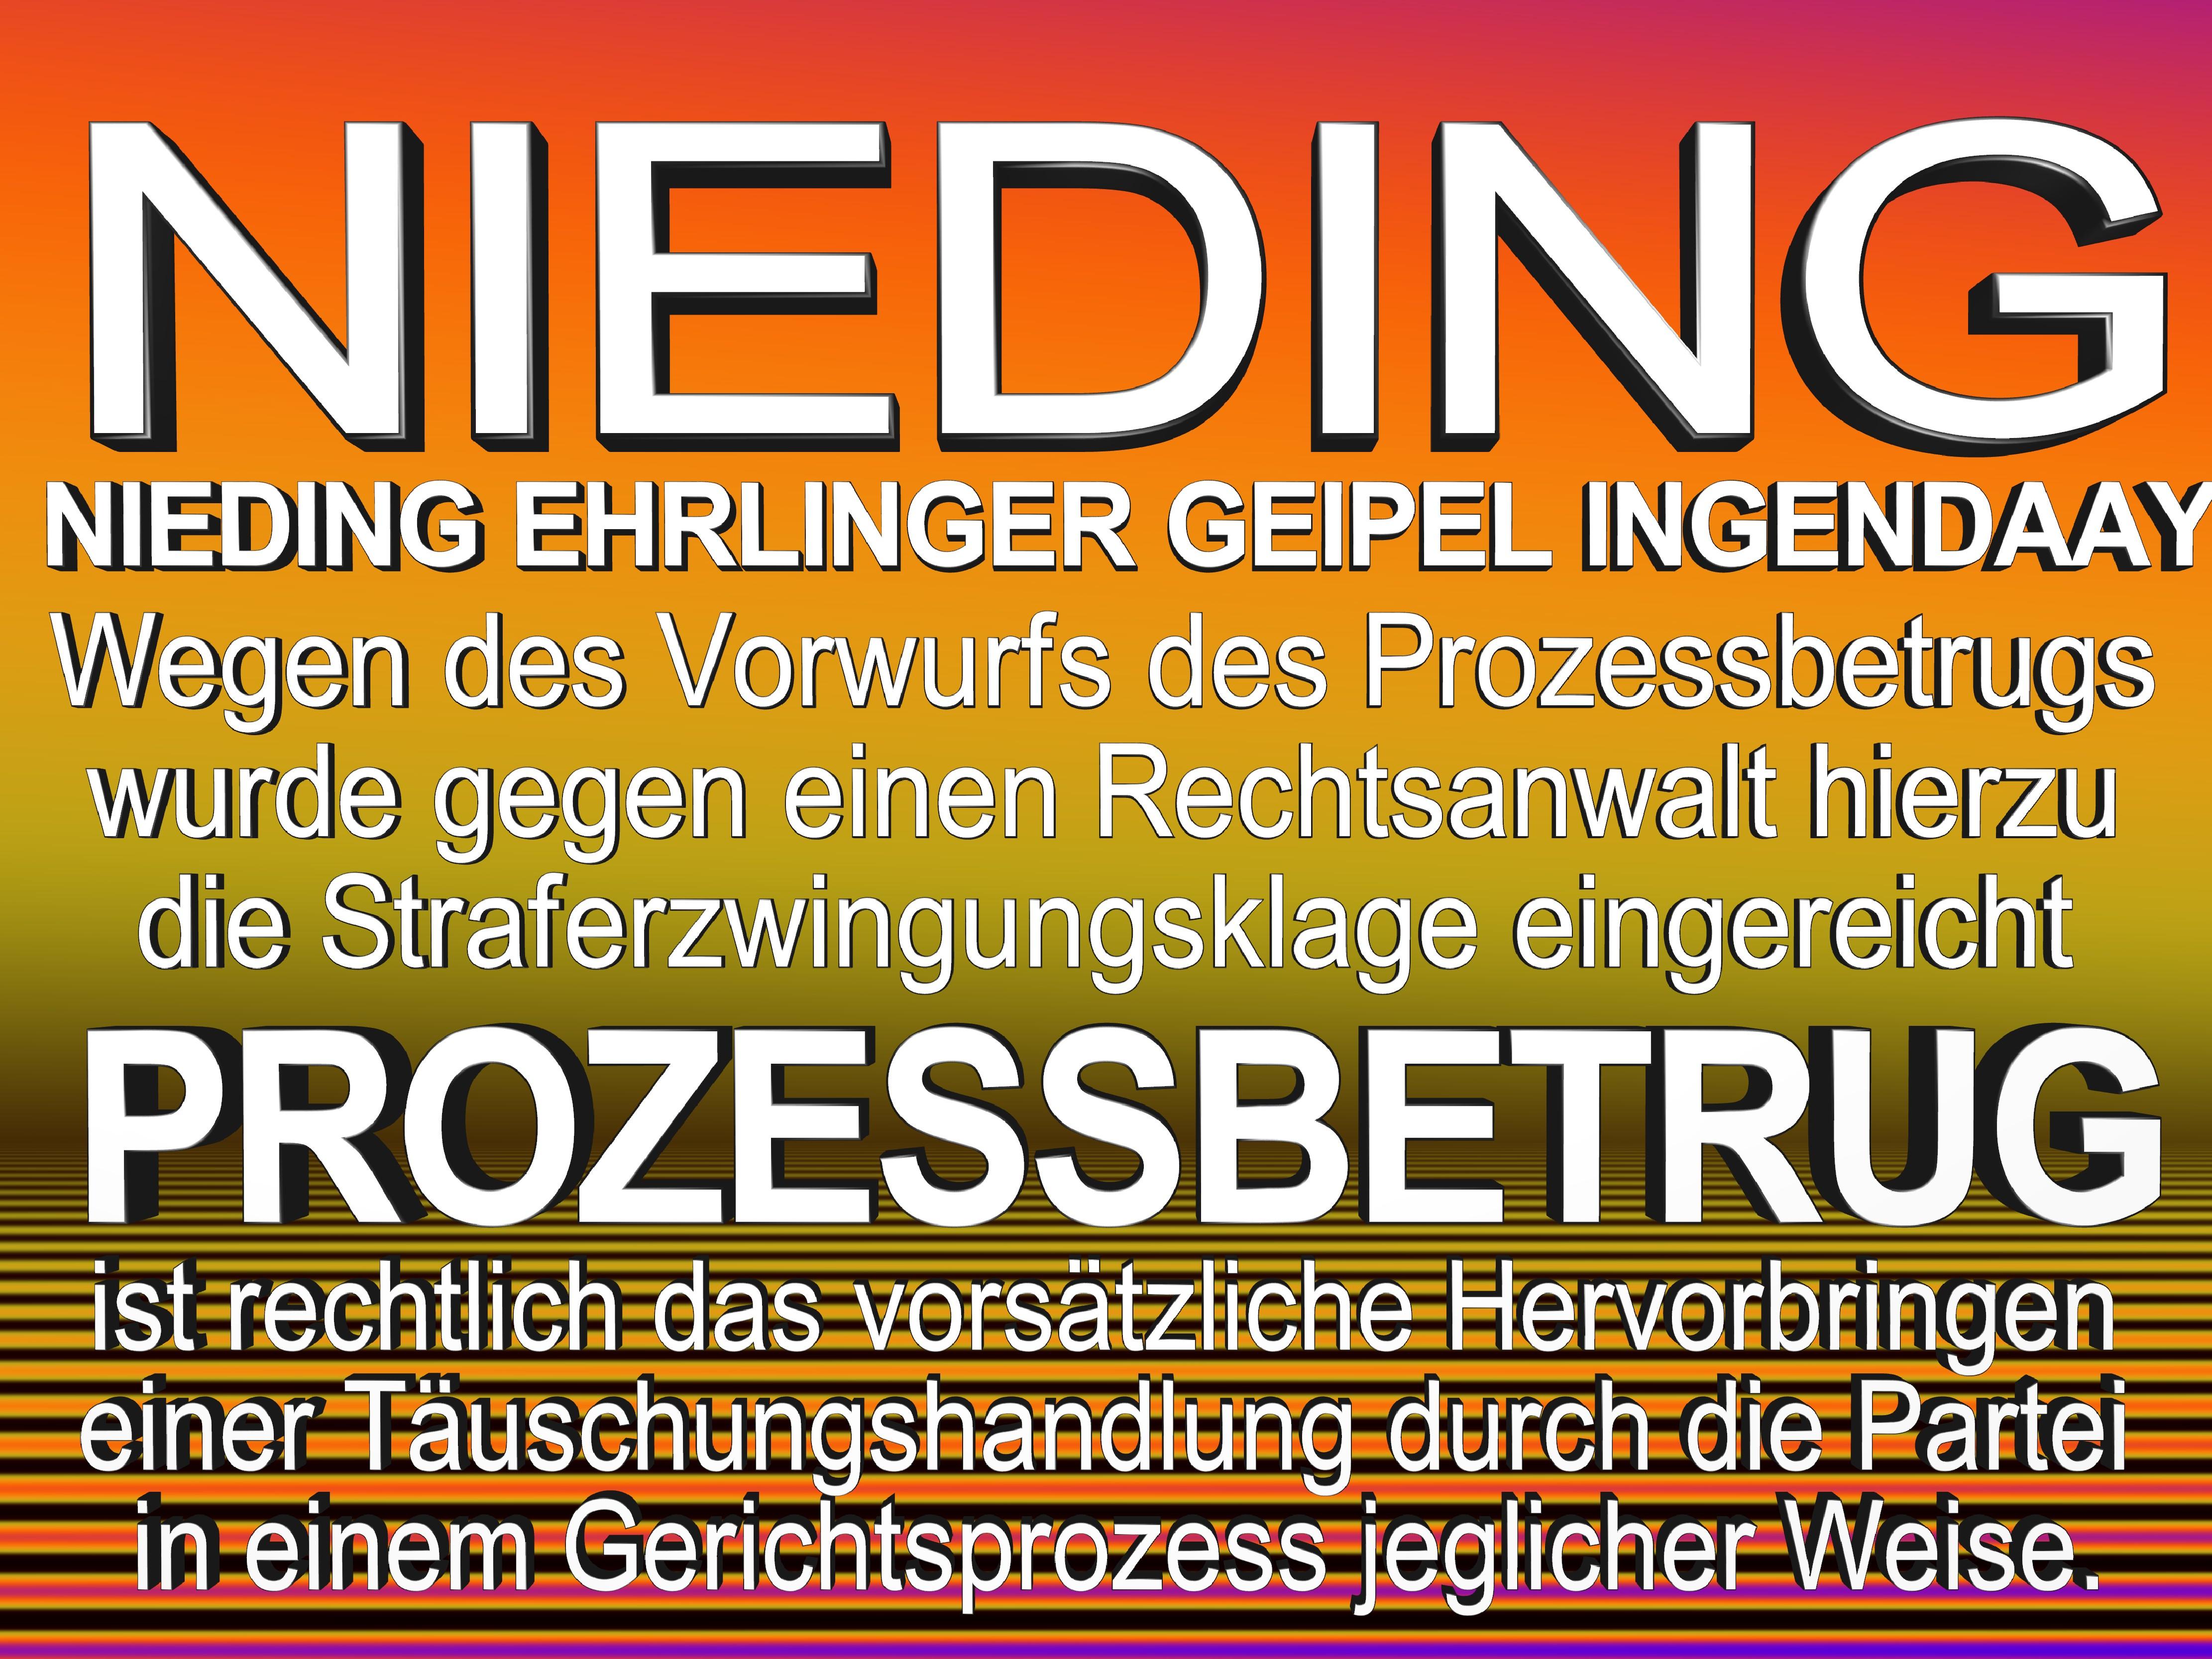 NIEDING EHRLINGER GEIPEL INGENDAAY LELKE Kurfürstendamm 66 Berlin (150)